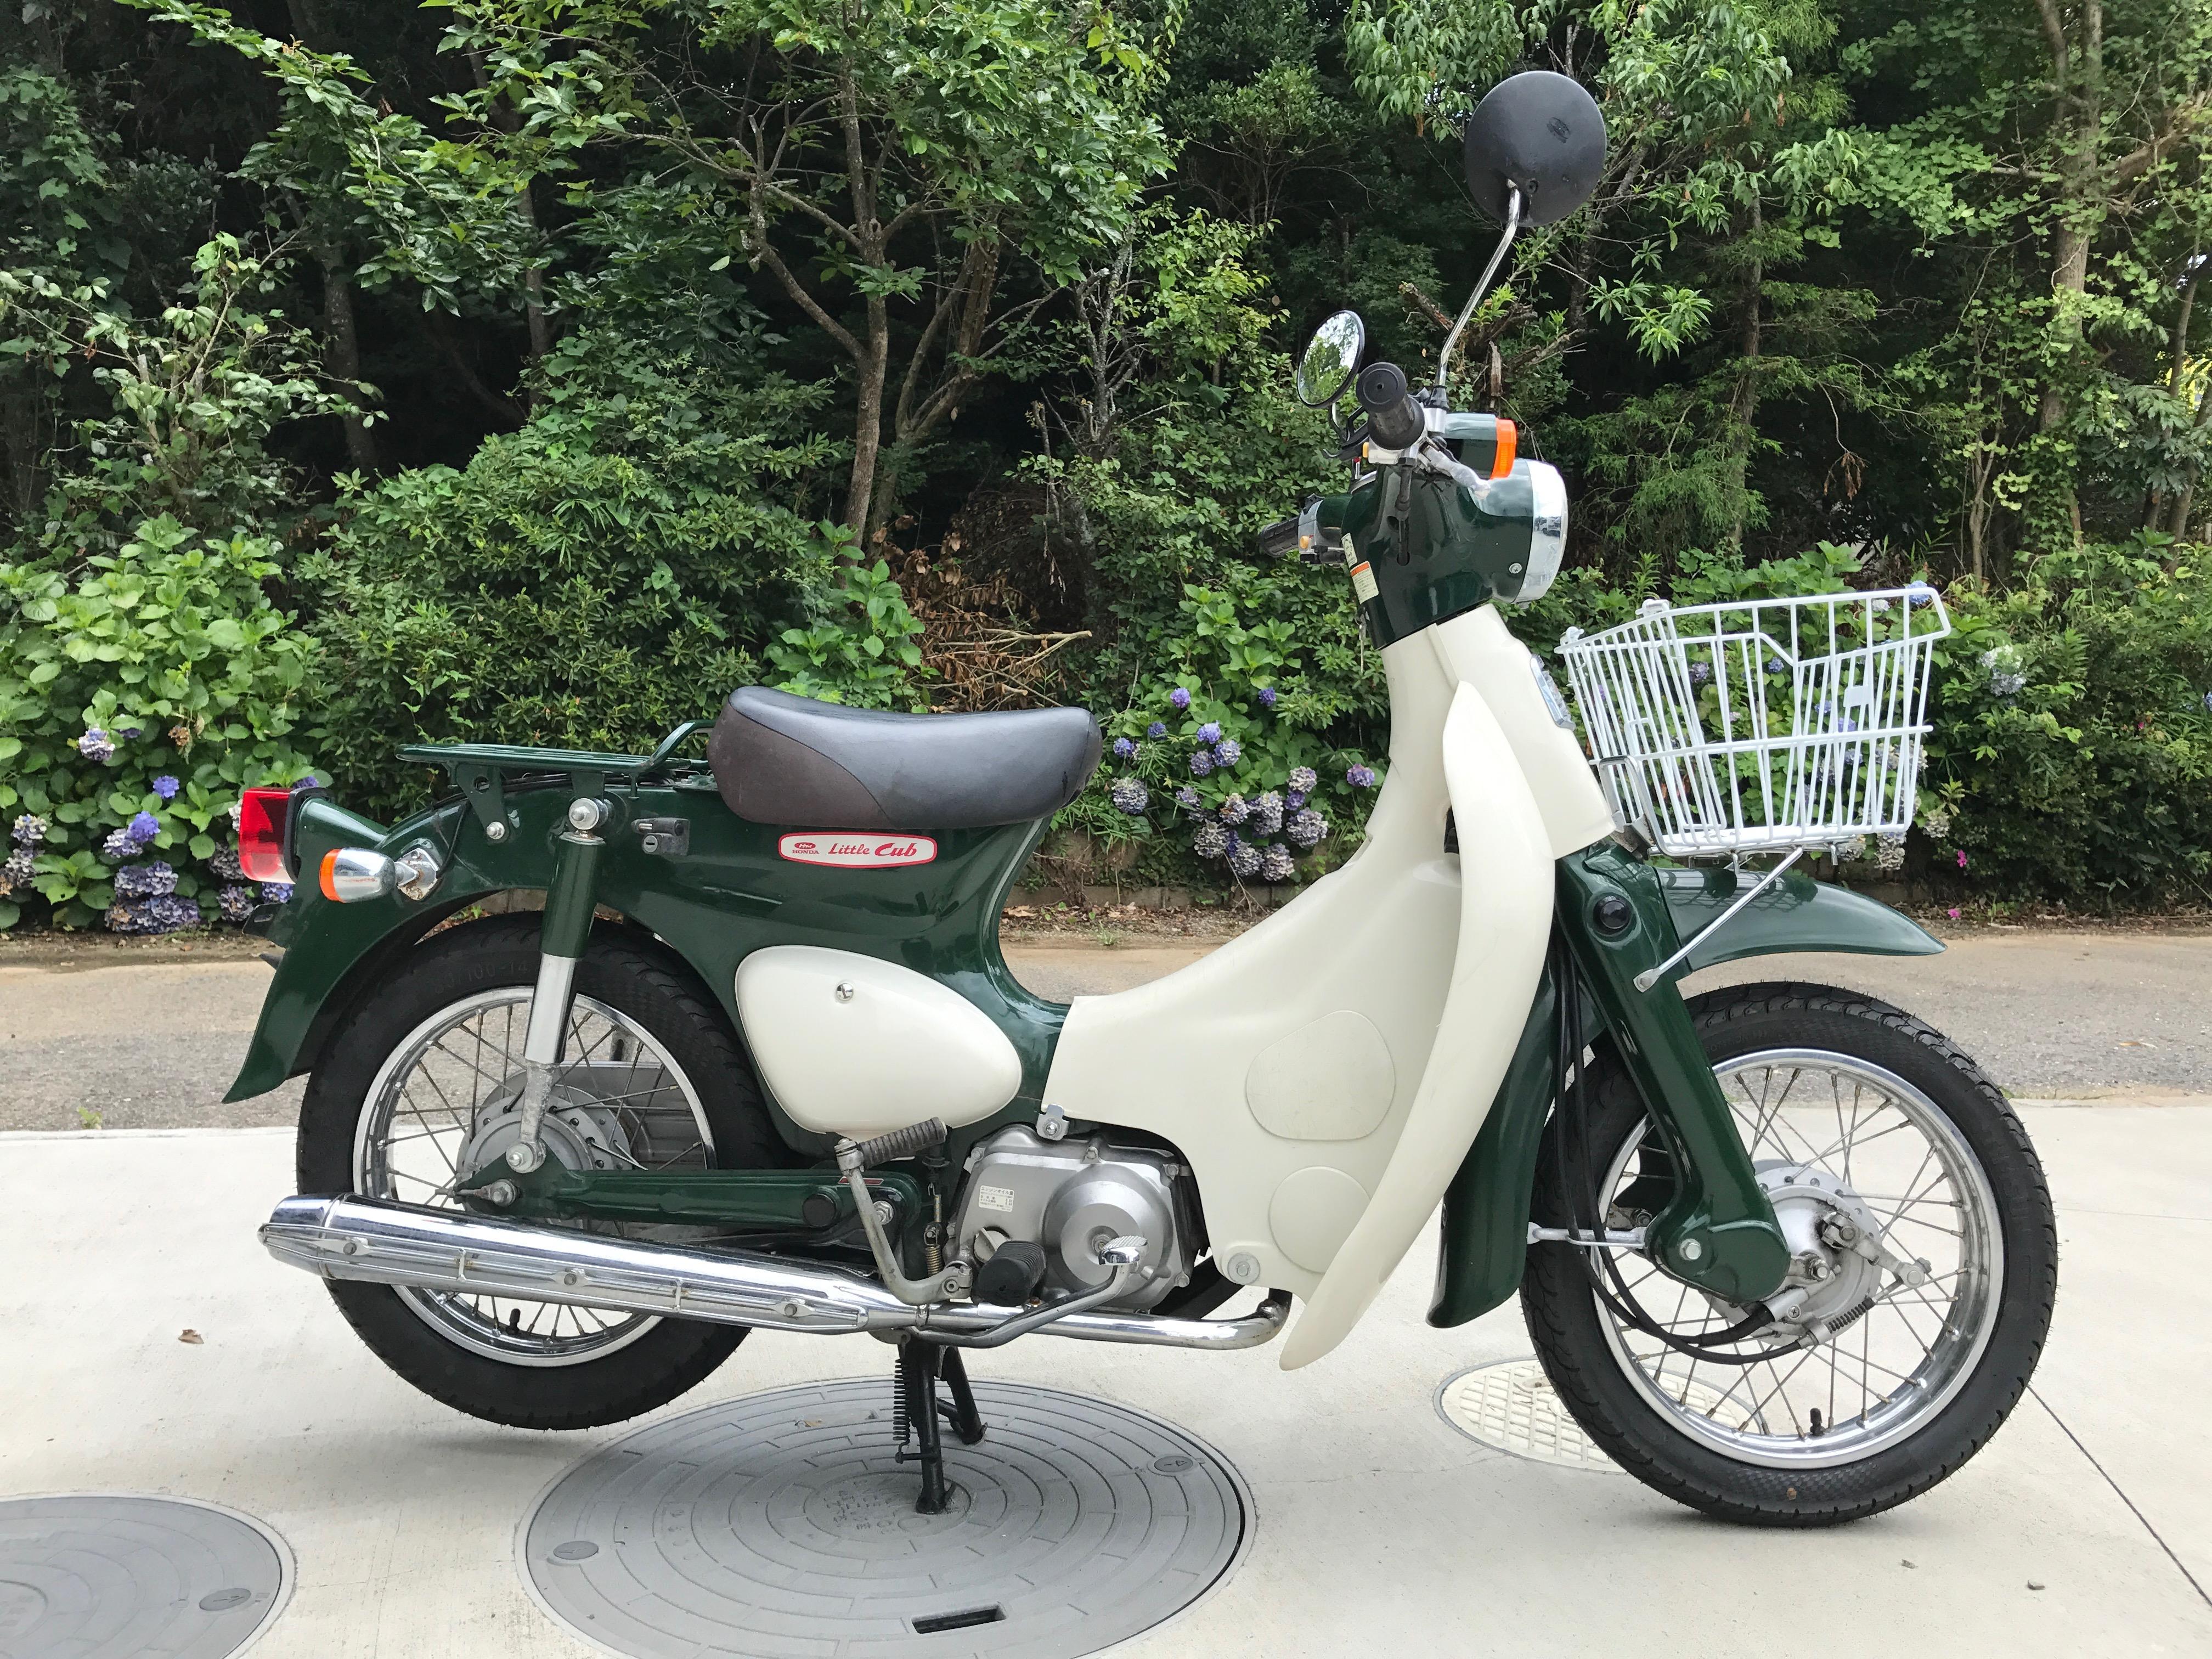 リトルカブ (HN-00) - 【公式】レンタルバイクのベストBike® 町田駅前